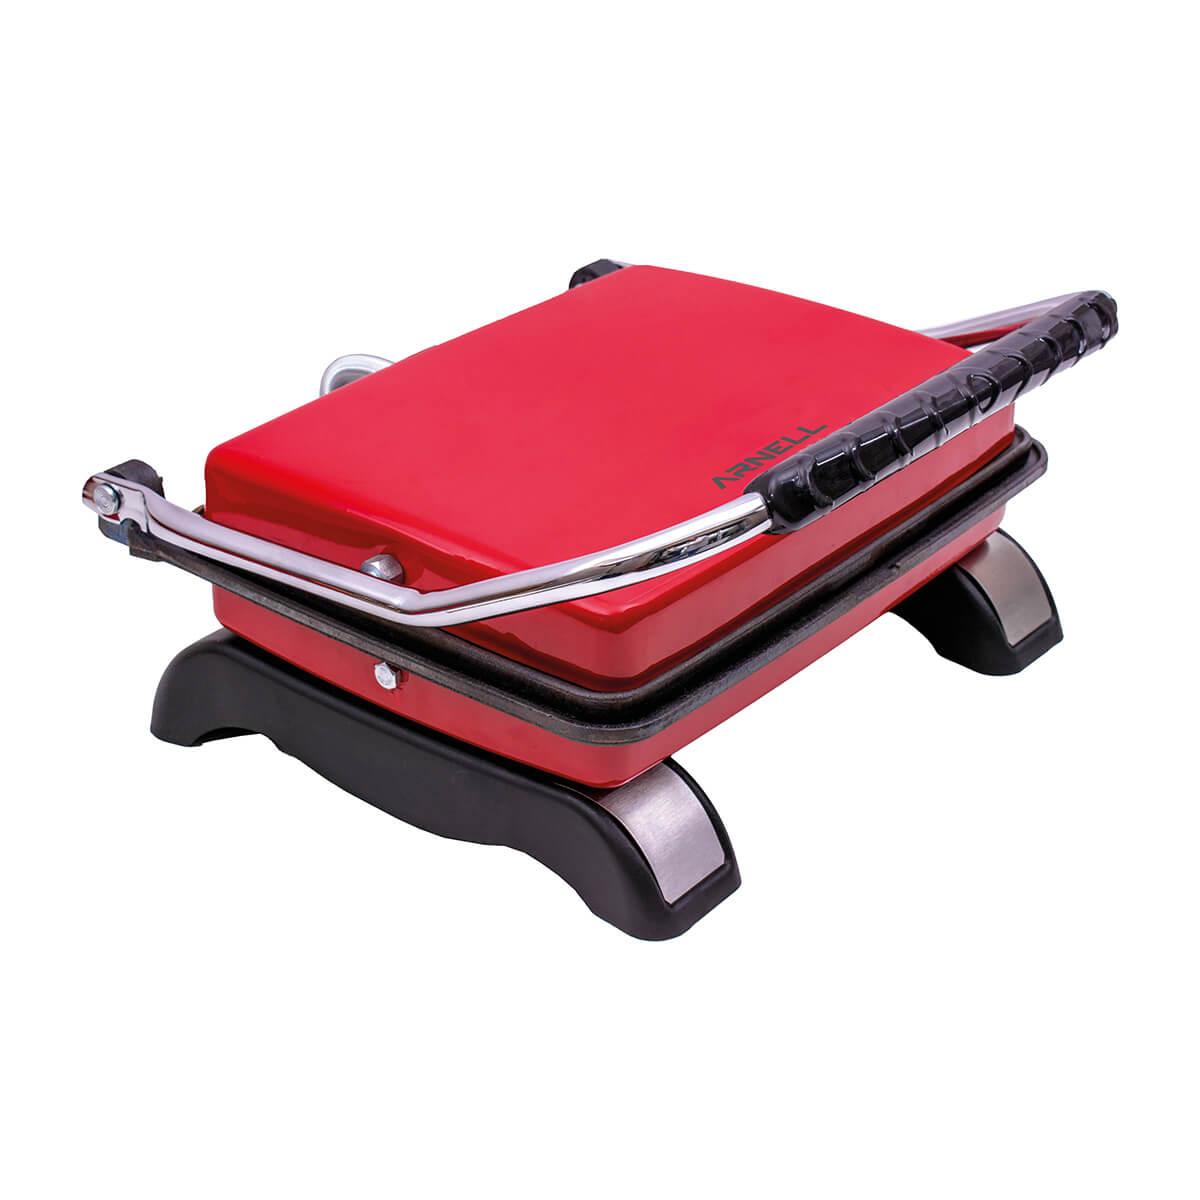 Döküm Tost Makinesi - Kırmızı / Fuşya